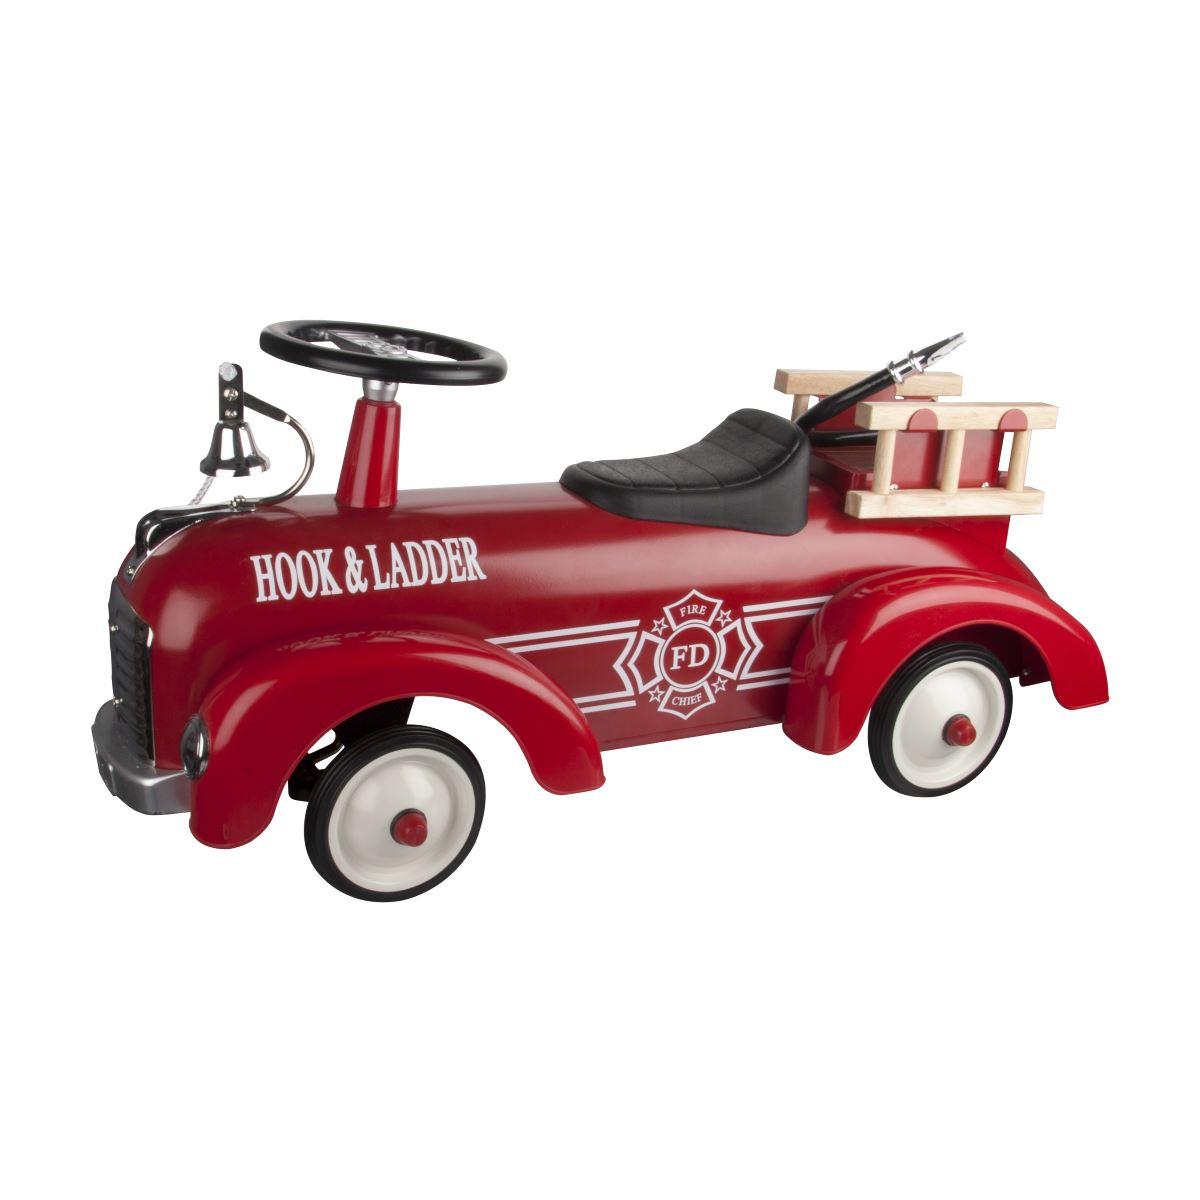 Fire engine bedroom accessories uk